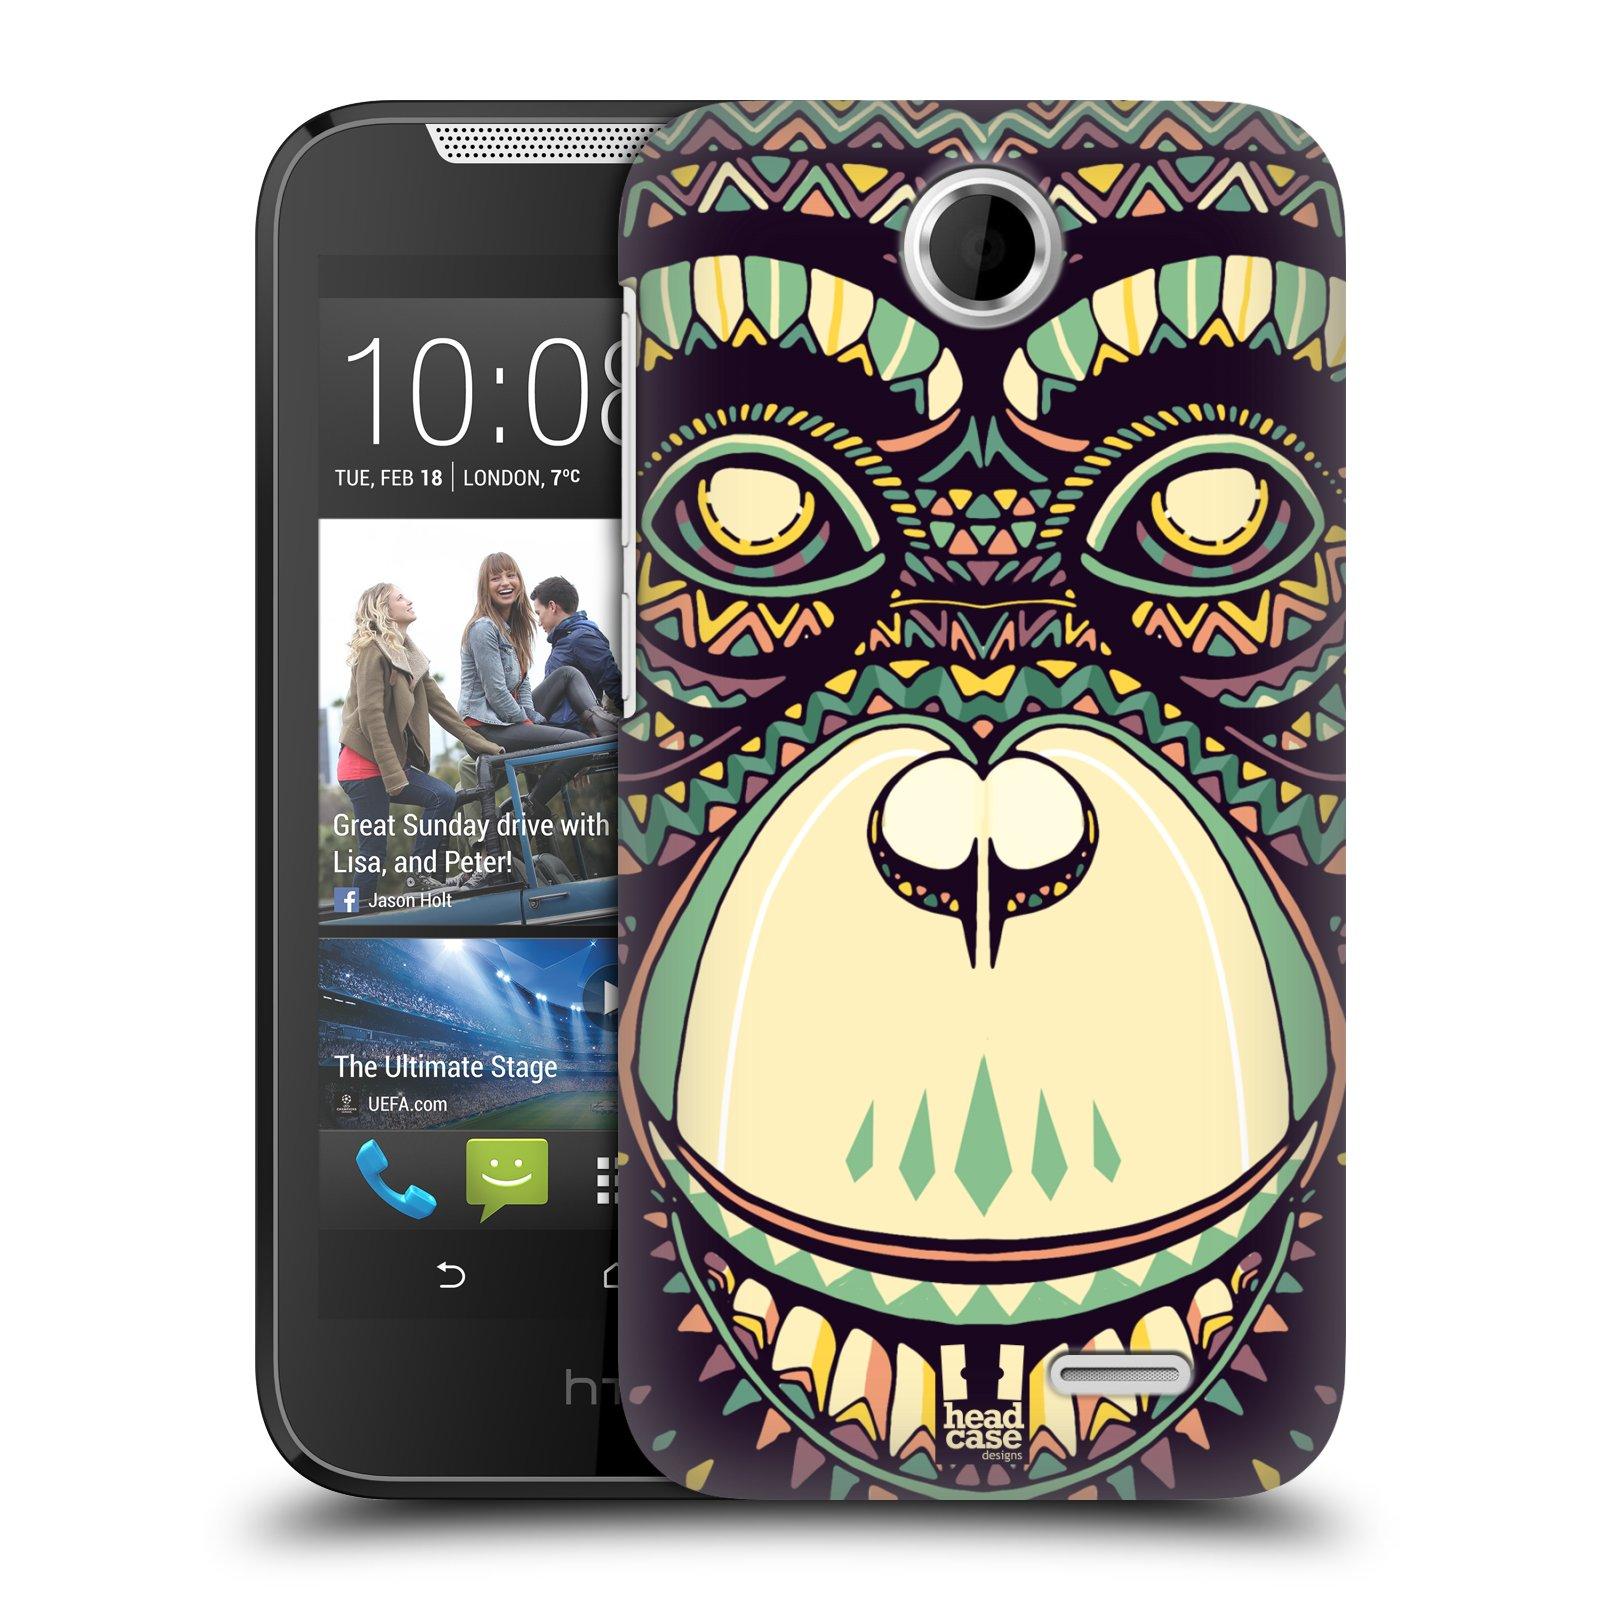 HEAD CASE plastový obal na mobil HTC Desire 310 vzor Aztécký motiv zvíře 3 šimpanz